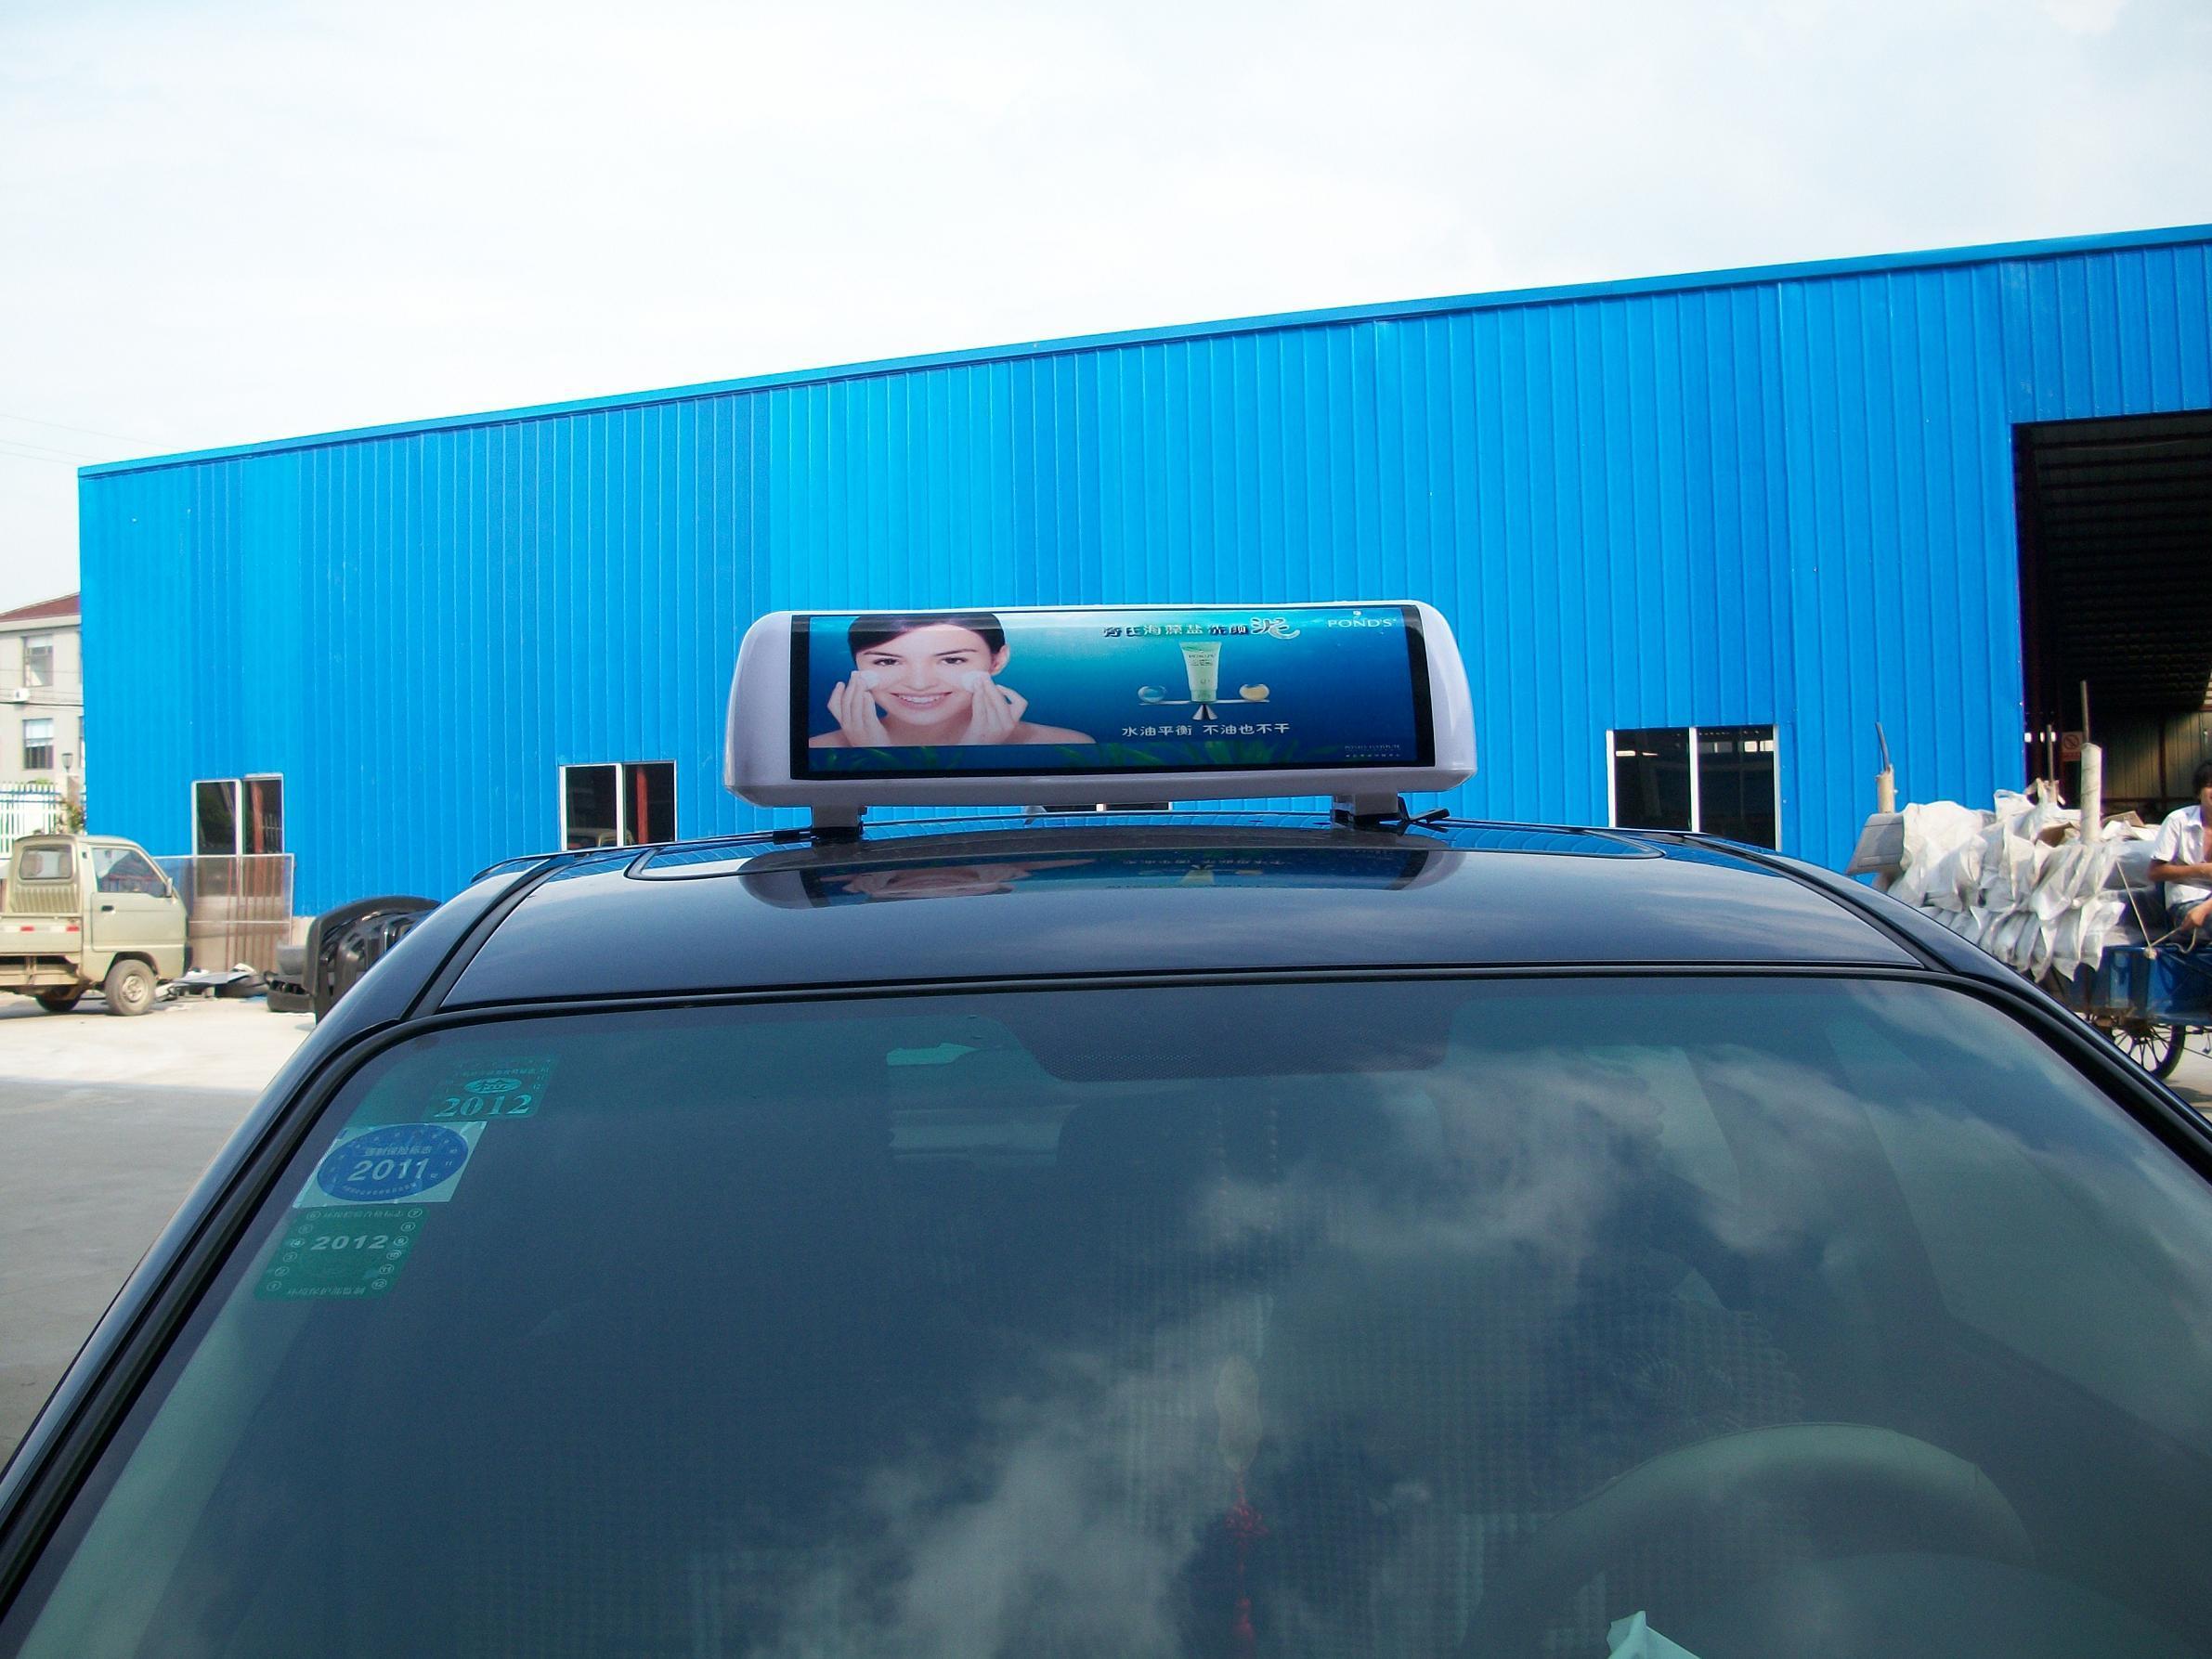 重庆长寿区出租车顶灯广告_【内蒙古出租车顶灯出租车广告屏出租车顶灯屏